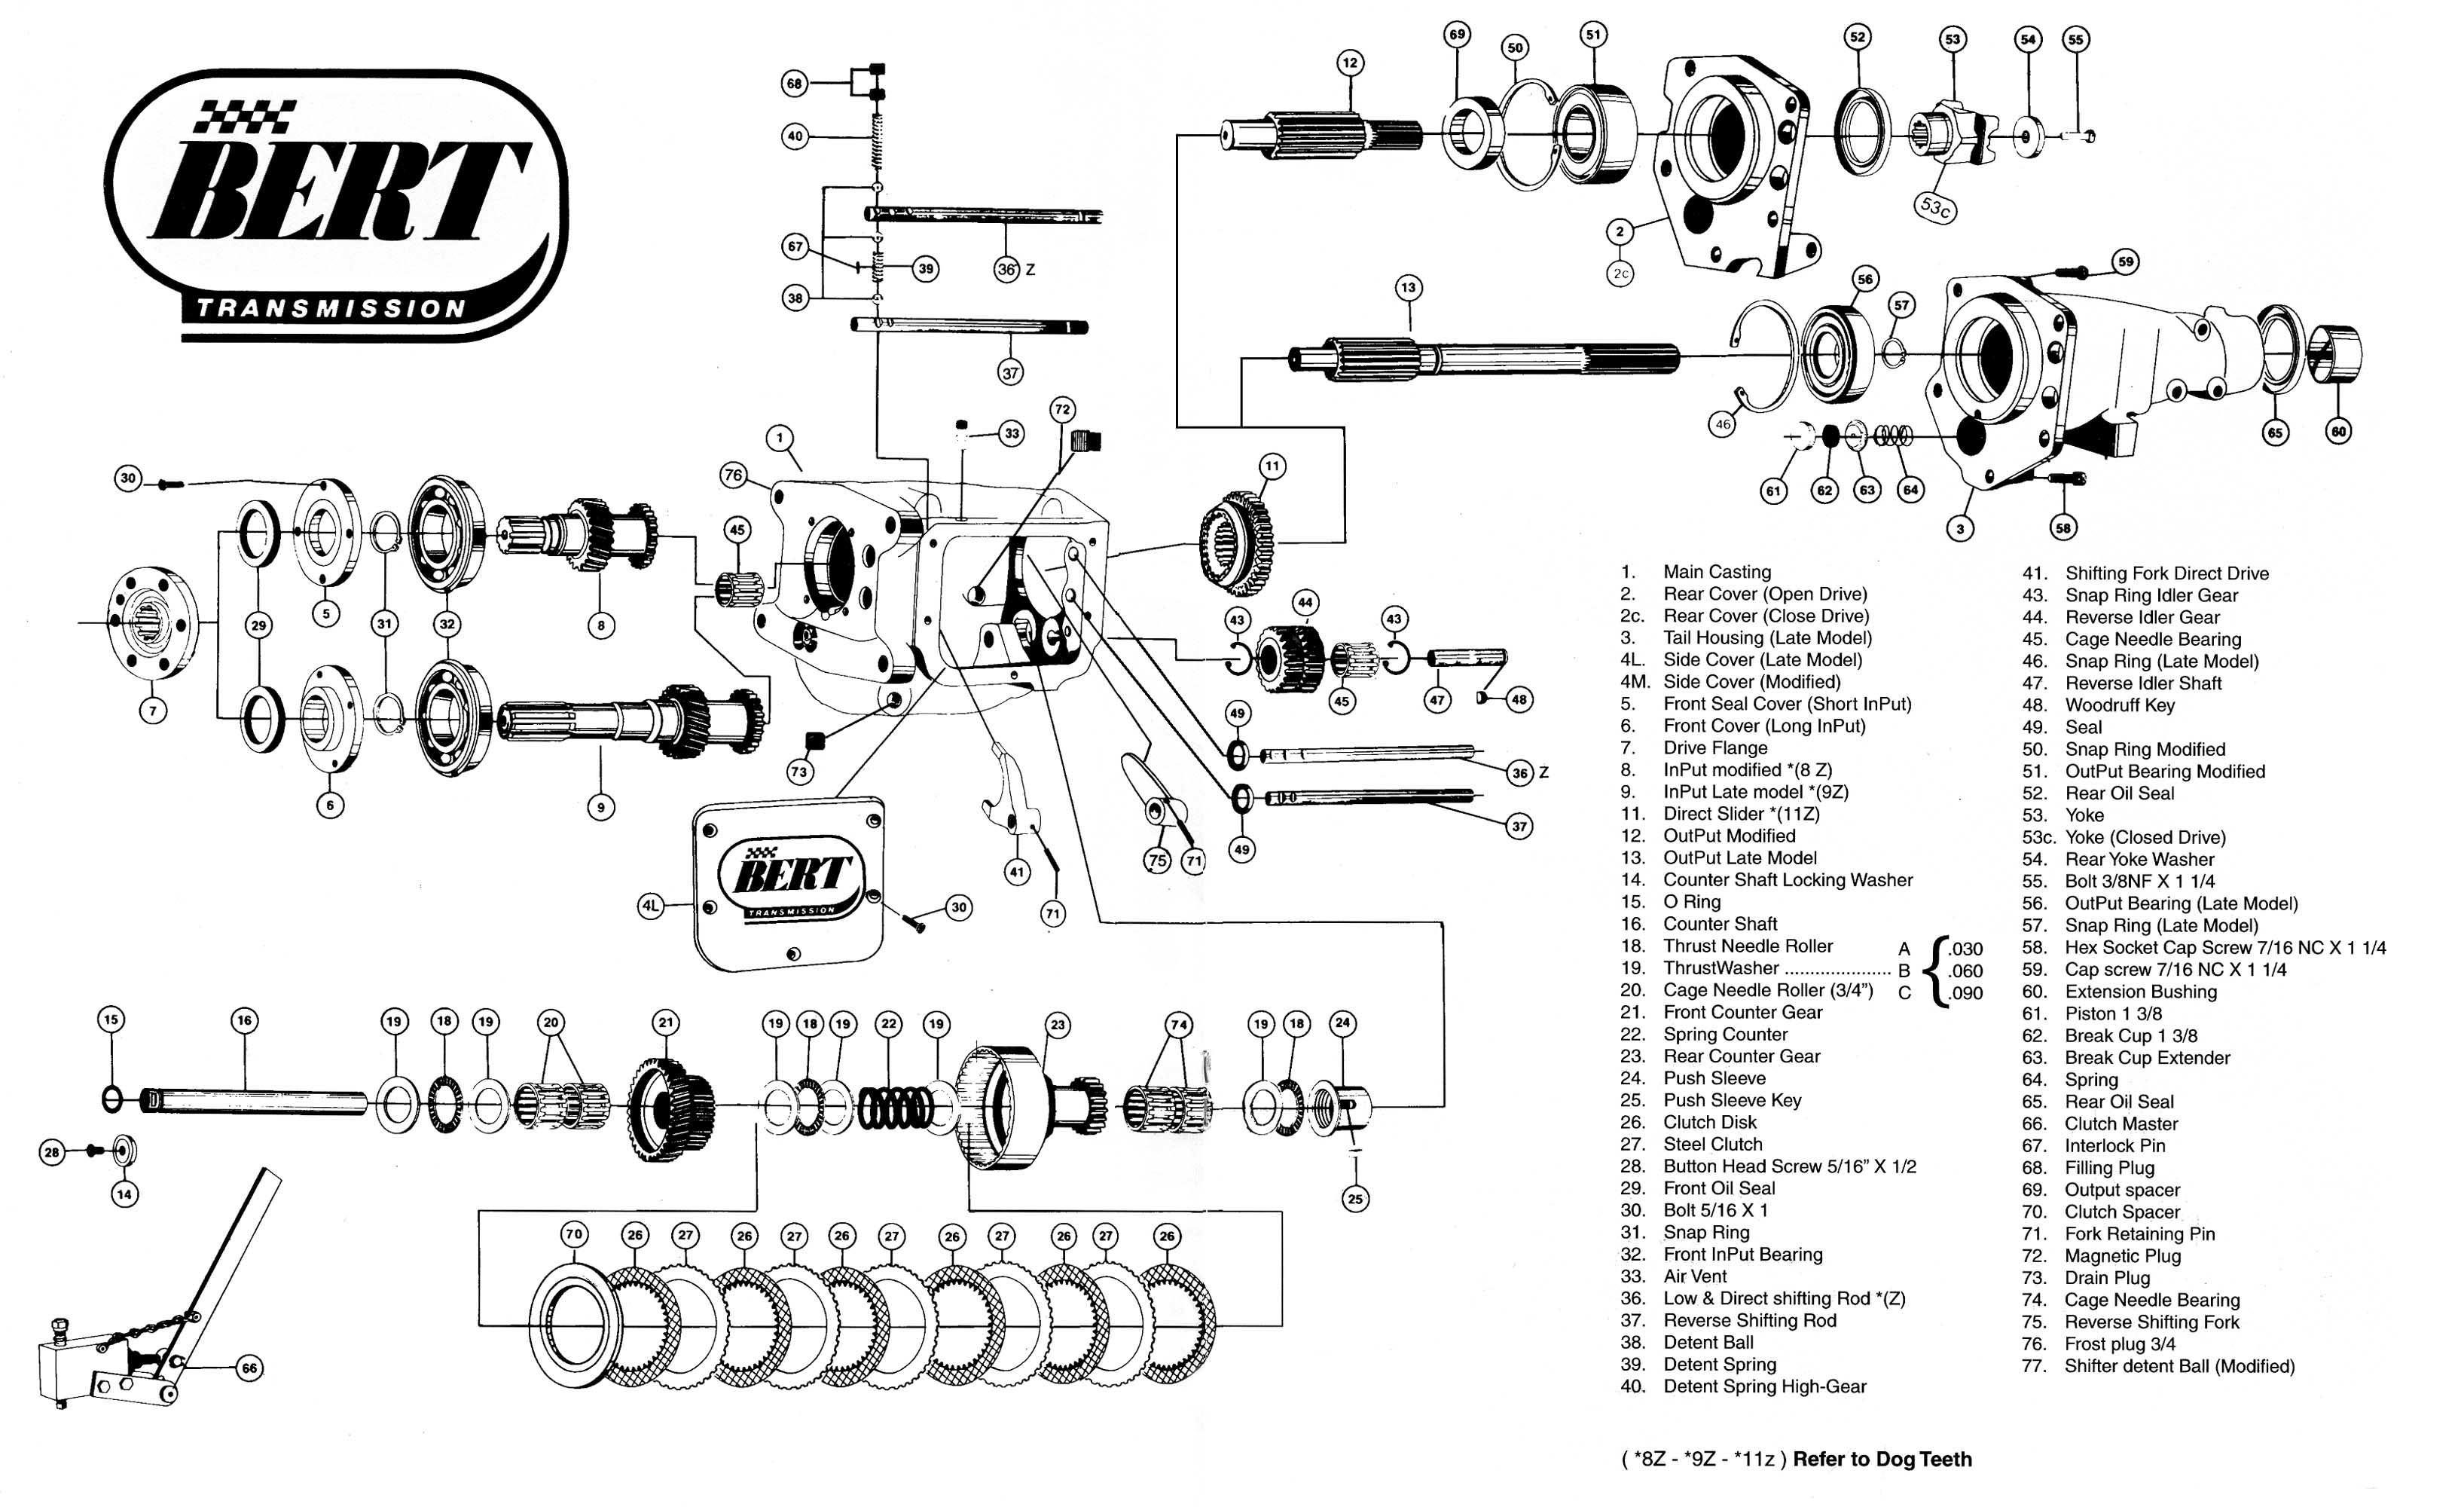 Bert Lmz Aluminum Transmission